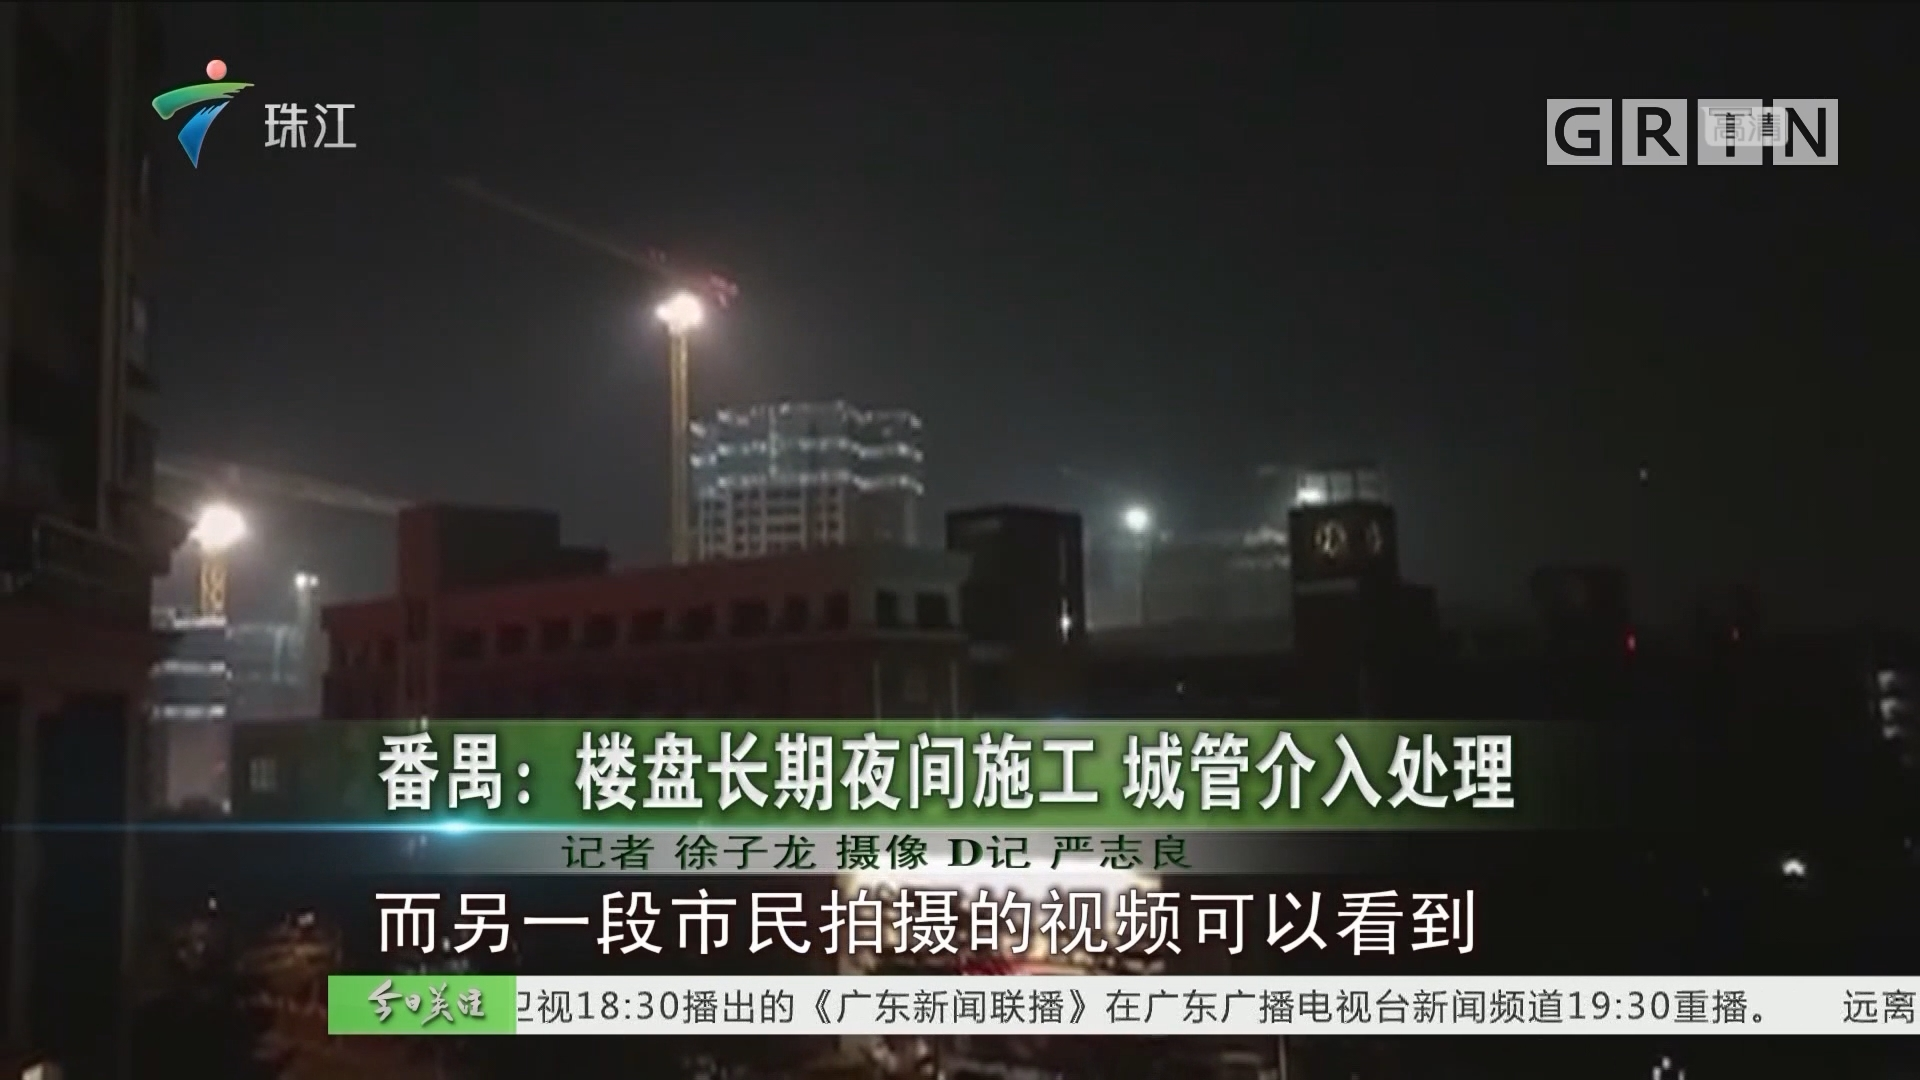 番禺:楼盘长期夜间施工 城管介入处理